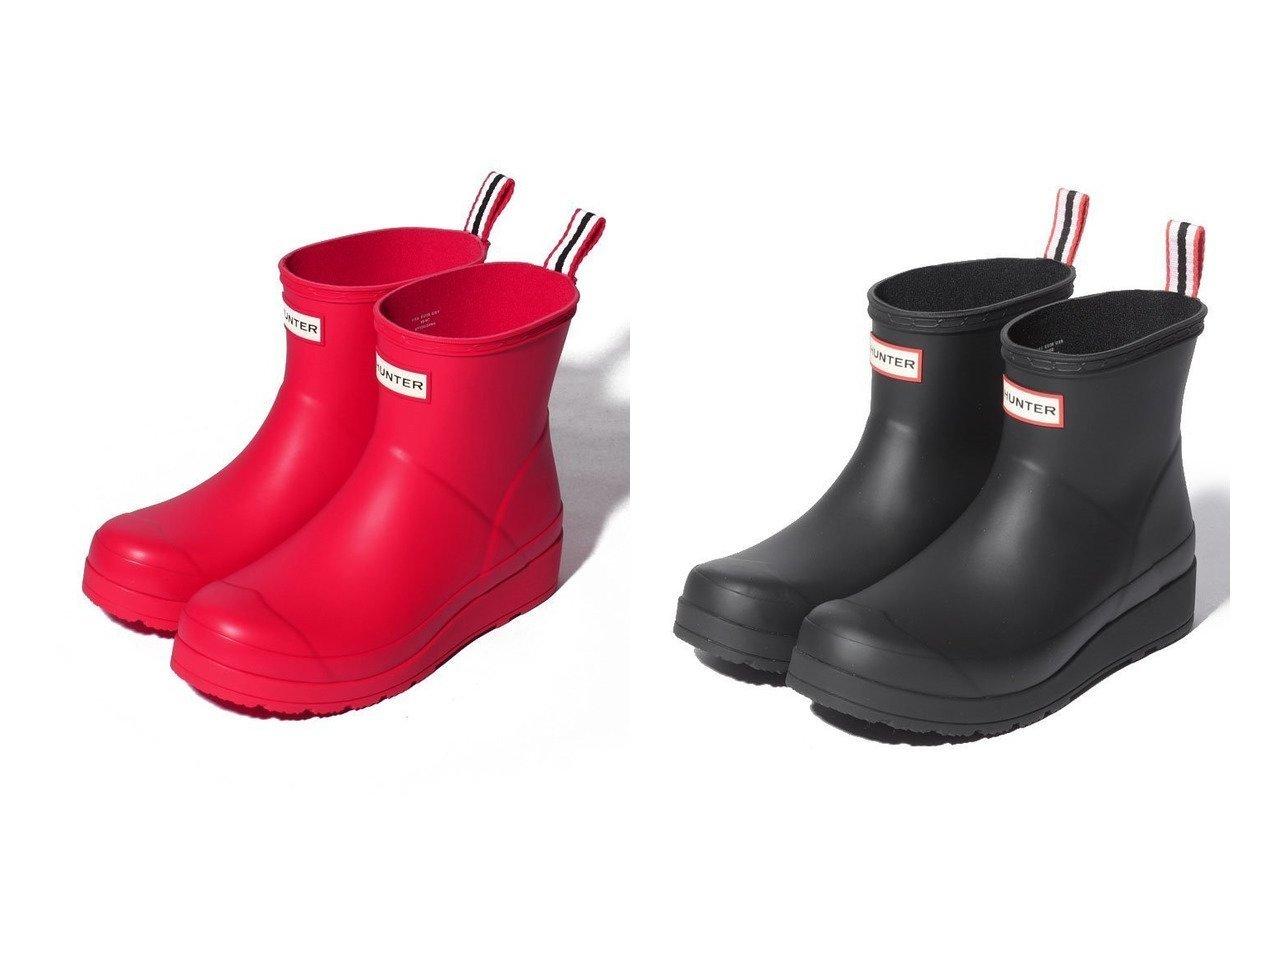 【HUNTER/ハンター】のORIGINAL PLAY BOOT SHORT 【シューズ・靴】おすすめ!人気、トレンド・レディースファッションの通販 おすすめで人気の流行・トレンド、ファッションの通販商品 インテリア・家具・メンズファッション・キッズファッション・レディースファッション・服の通販 founy(ファニー) https://founy.com/ ファッション Fashion レディースファッション WOMEN NEW・新作・新着・新入荷 New Arrivals シューズ ショート シンプル フロント ベーシック ボックス ラバー 定番 Standard  ID:crp329100000052537